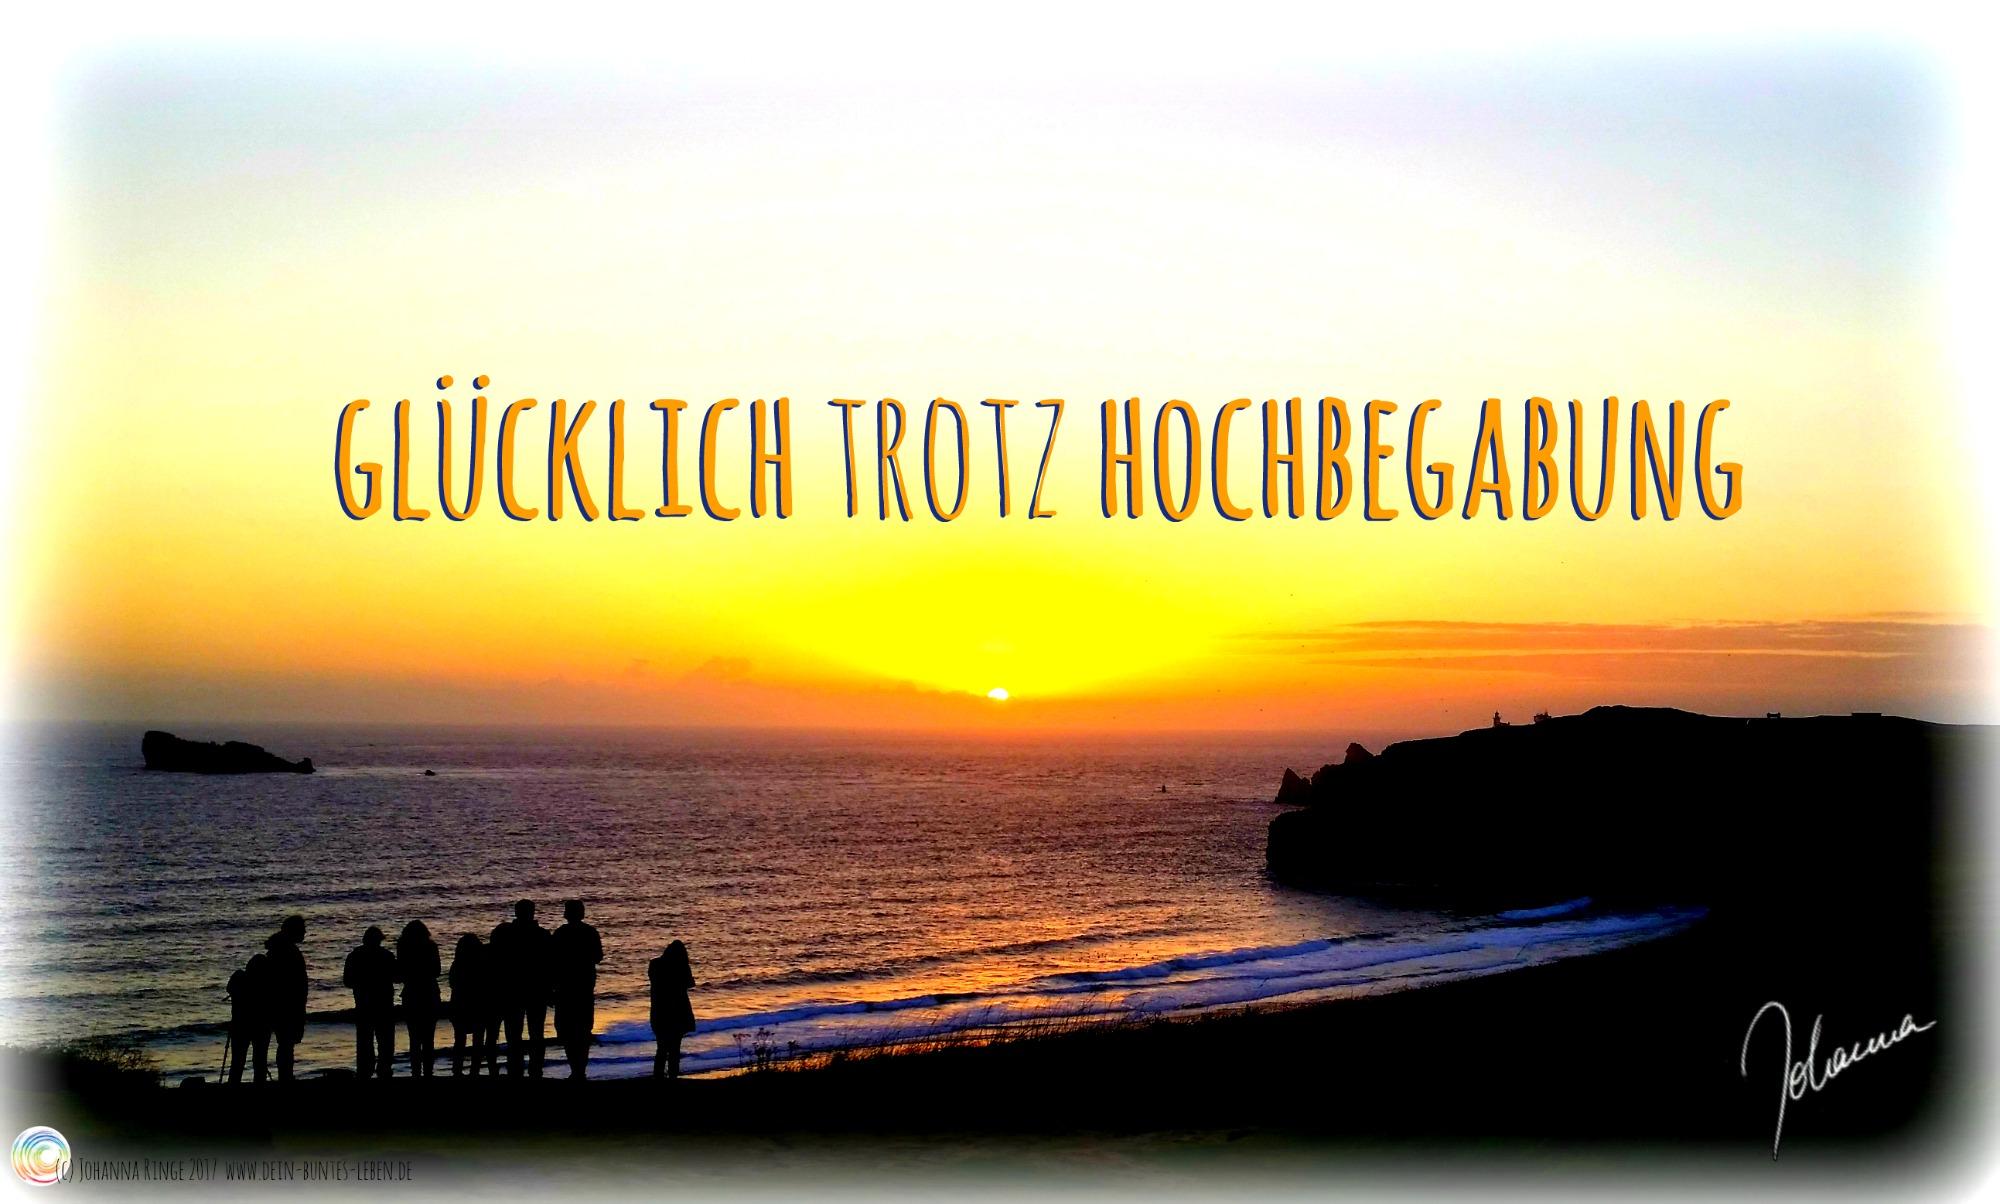 """Schriftzug """"Glücklich trotz Hochbegabung"""" auf Foto von Sonnenuntergang am Meer (c) Johanna Ringe 2017 www.dein-buntes-leben.de"""